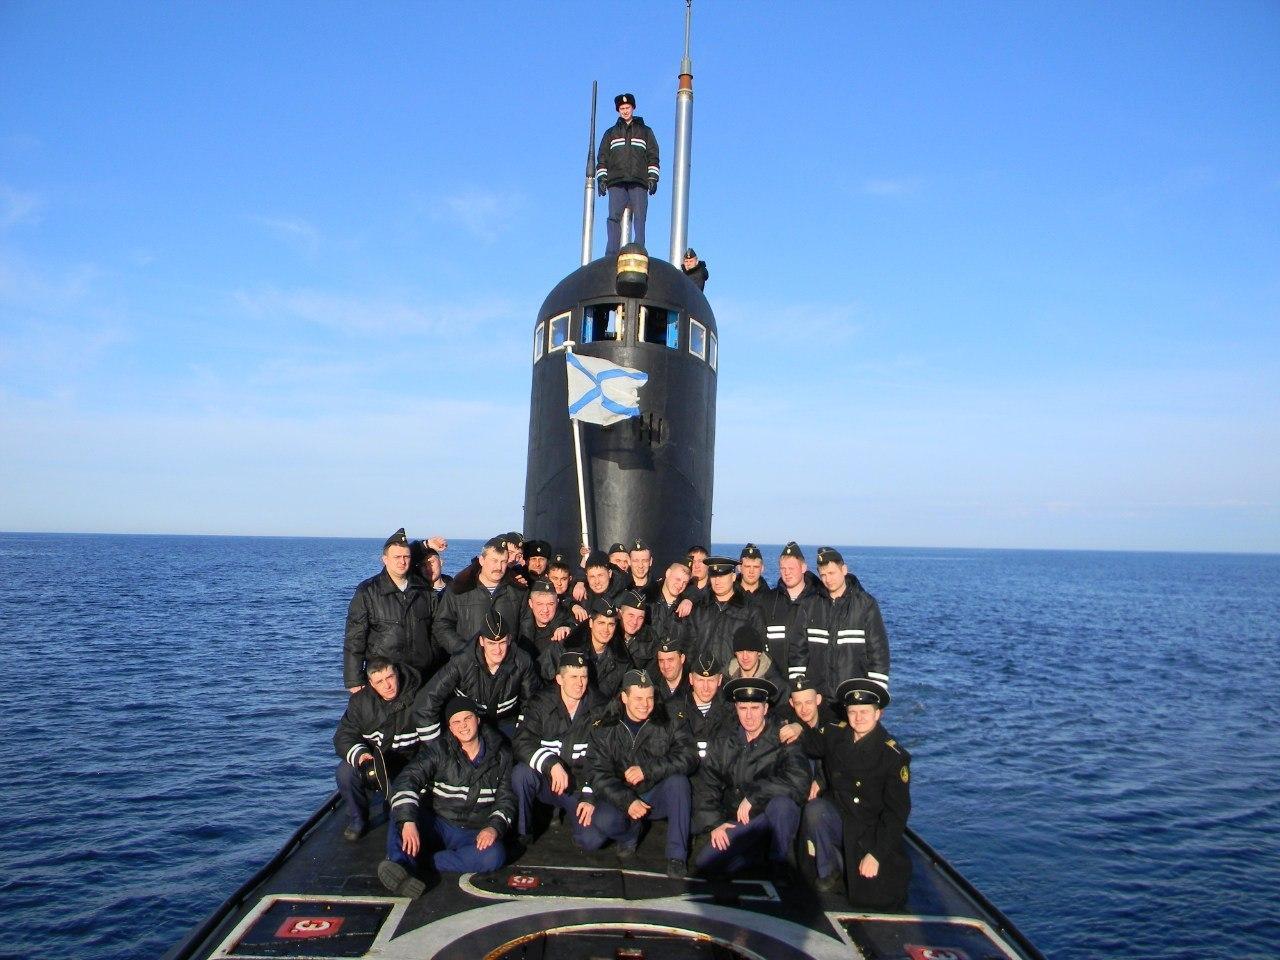 все о подводных лодках и подводниках россия